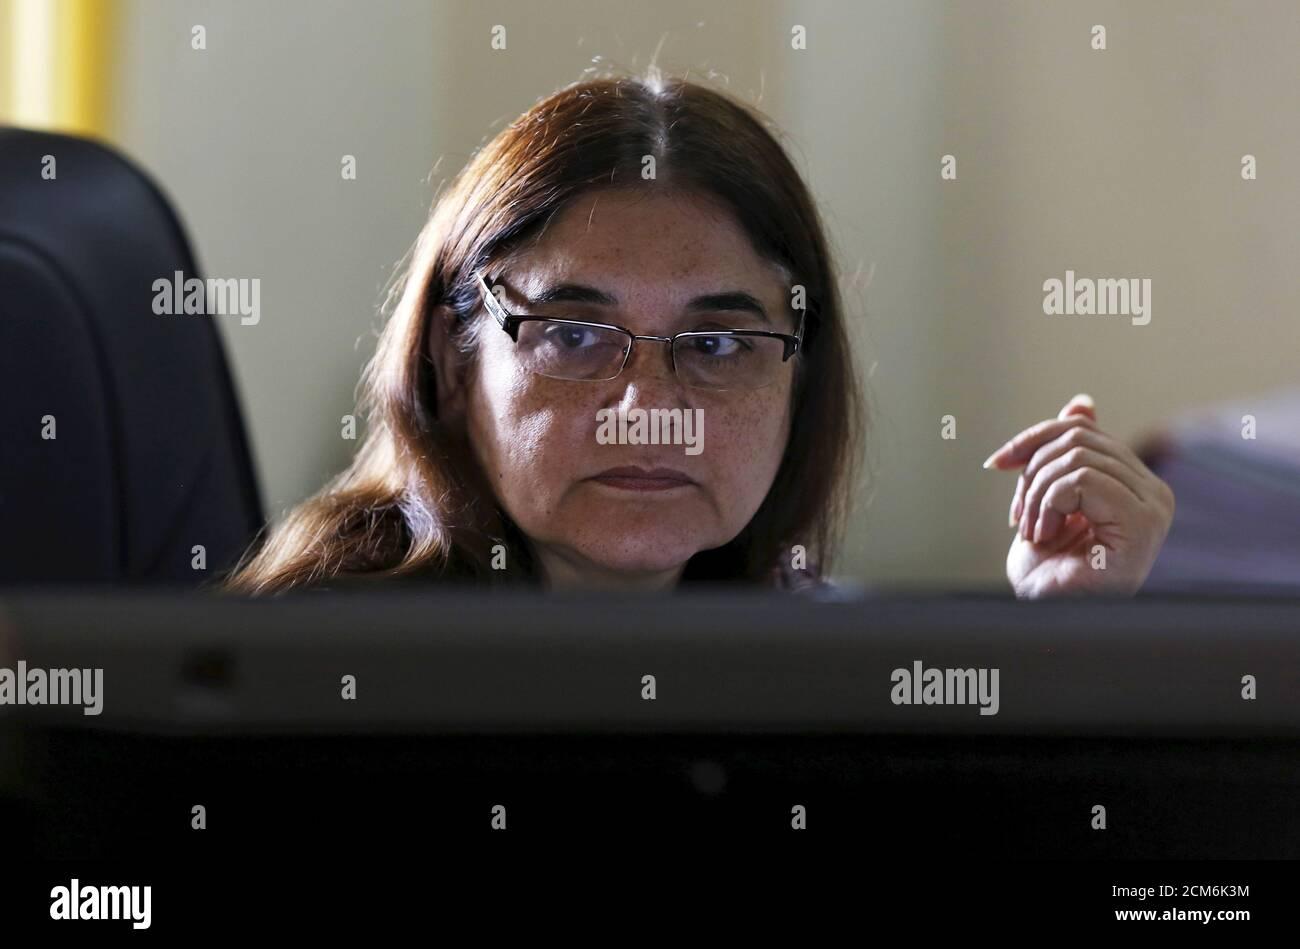 Maneka Gandhi, Ministerin für Frauen und Kinder in Indien, arbeitet an einem Computer, bevor sie Reuters in ihrem Büro in Neu-Delhi, Indien, am 19. Oktober 2015 interviewt. Indiens Hauptprogramm zur Bekämpfung der Unterernährung von Kindern wurde von Budgetkürzungen getroffen, die es schwierig machen, die Löhne von Millionen von Beschäftigten im Gesundheitswesen zu zahlen, sagte ein Kabinettsminister am Montag in einer seltenen öffentlichen Kritik an der Politik von Premierminister Narendra Modi. Gandhi, die Ministerin für Frauen und Kinderhilfe, die ein Programm zur Ernährung von mehr als 100 Millionen armen Menschen beaufsichtigt, sagte, dass das aktuelle Budget nur ausreicht, um Gehälter von 2.7 Millionen Menschen zu bezahlen Stockfoto